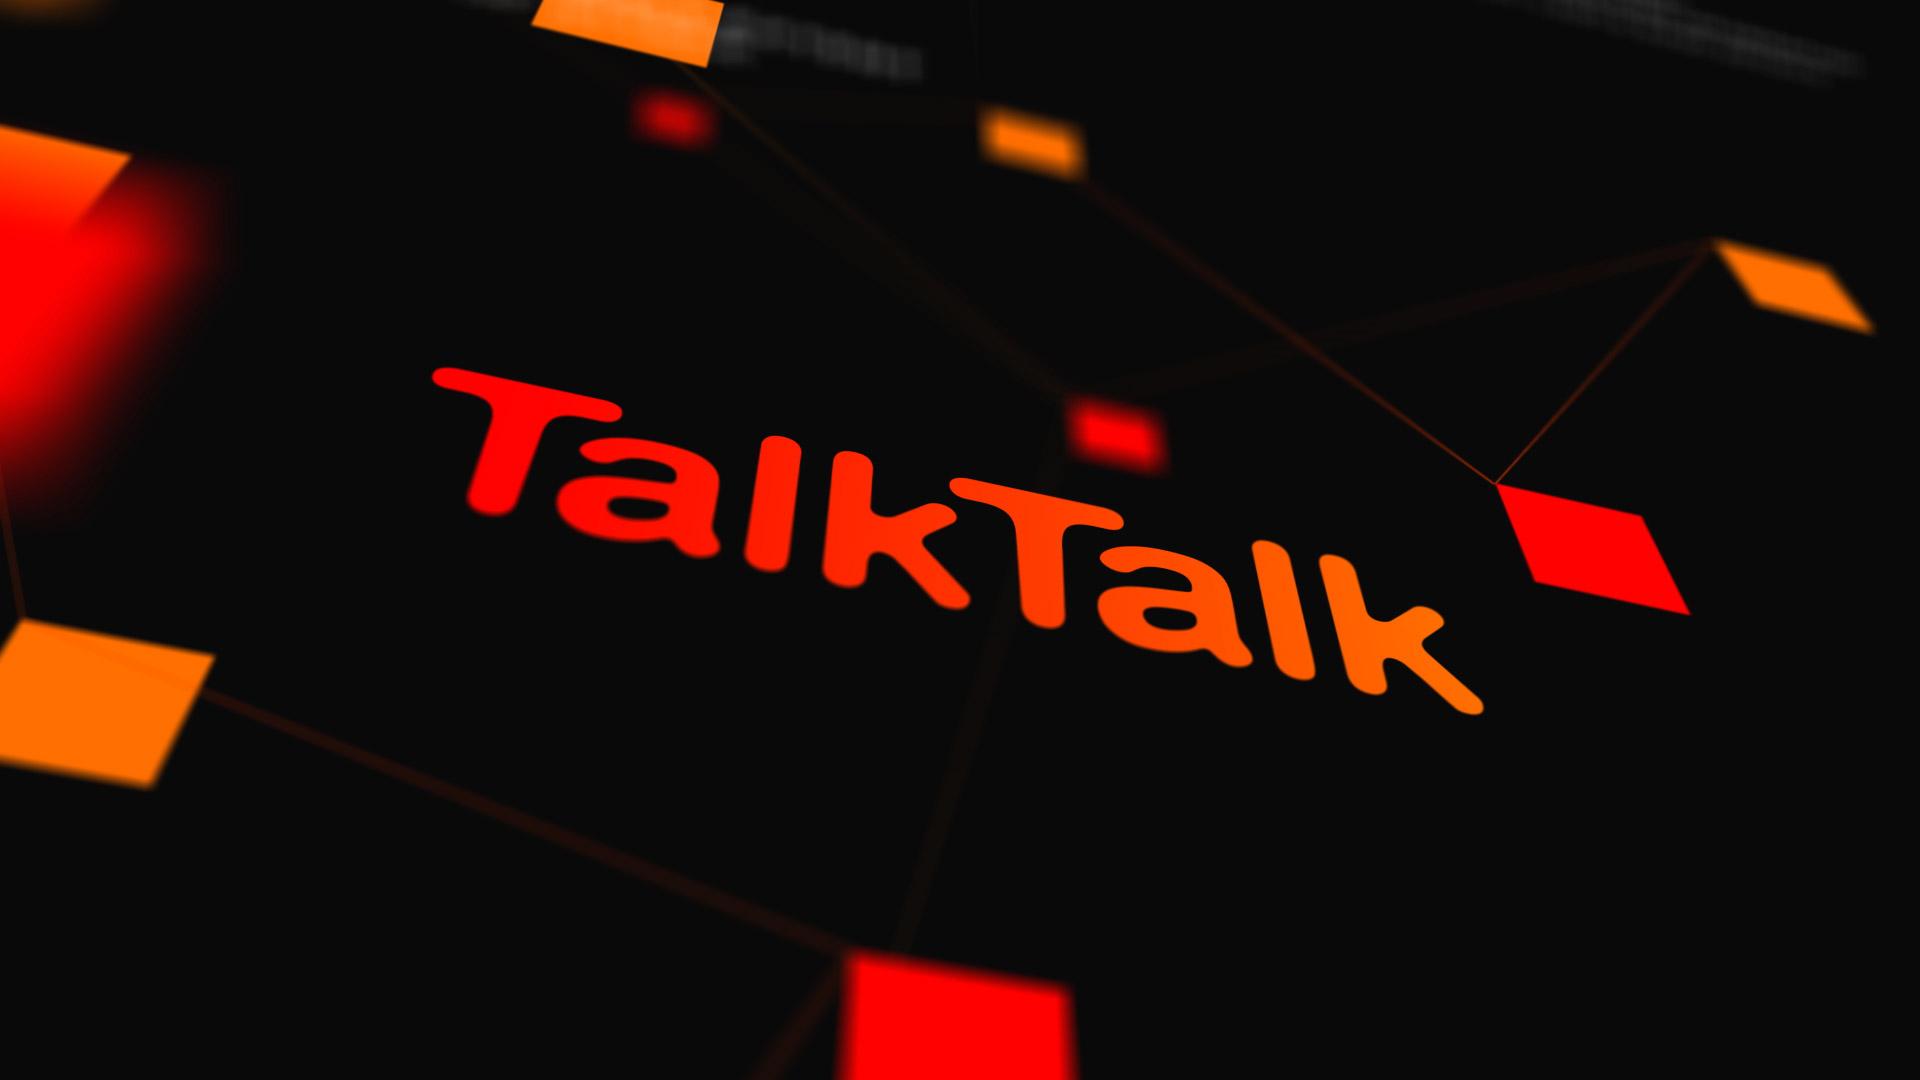 talktalk_1